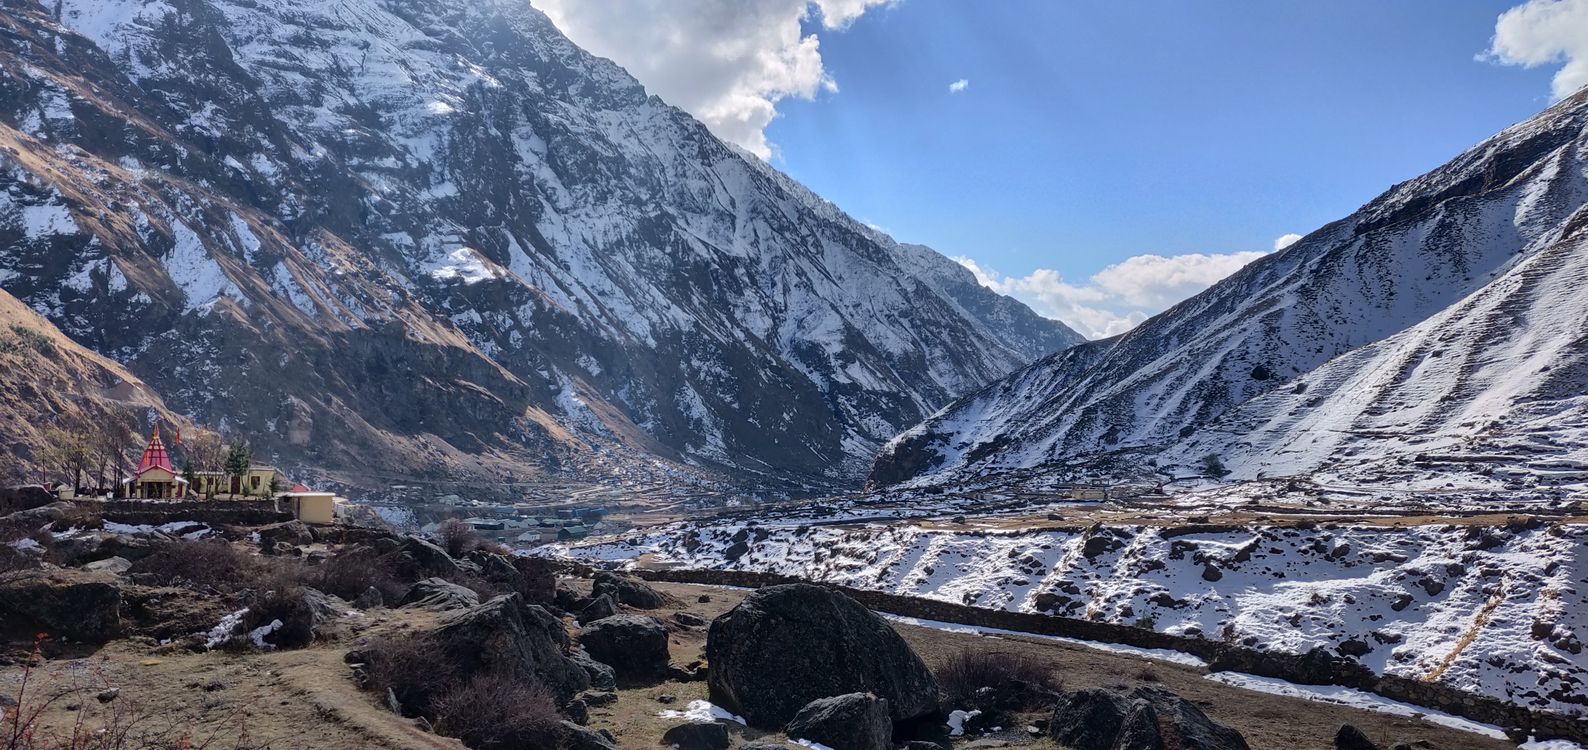 Фото бесплатно снег, холм, горные рельефы, гора, геологическое явление, нагорье, горный хребет, морен, небо, природный ландшафт, пустыня, долина, гребень, ледниковый рельеф, упал, пейзажи